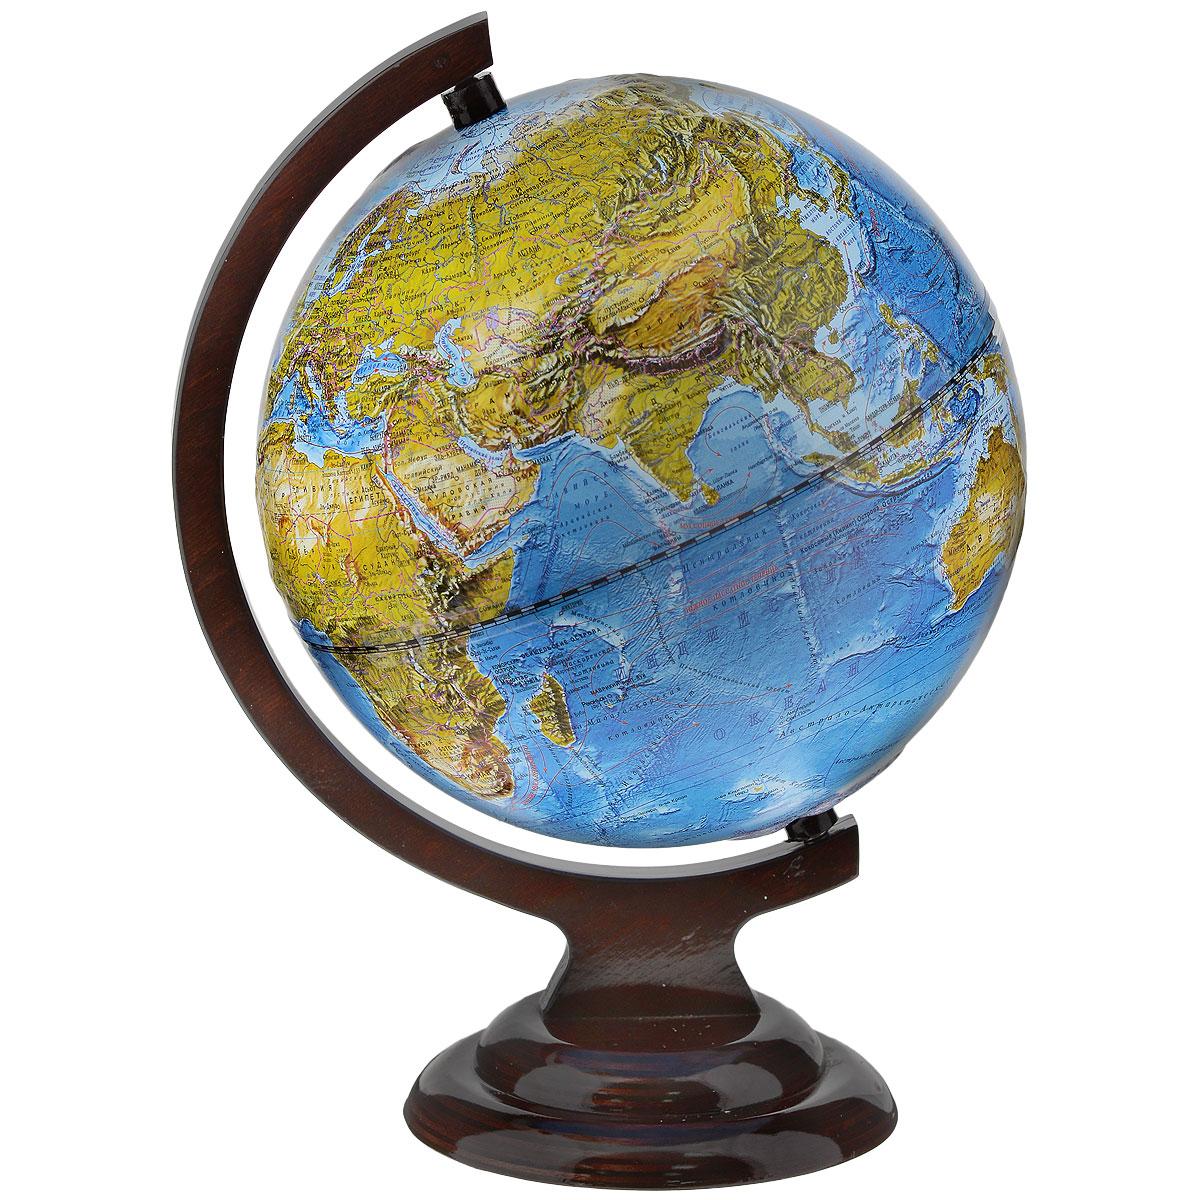 Глобусный мир Ландшафтный глобус, рельефный, диаметр 21 см, на деревянной подставке10228Ландшафтный глобус Глобусный мир, изготовленный из высококачественного прочного пластика. Данная модель предназначена для ознакомления с особенностями ландшафта нашей планеты. Помимо этого ландшафтный глобус обладает приятной цветовой гаммой. Глобус дает представление о местоположении материков и океанов, на нем можно рассмотреть особенности ландшафта нашей планеты (рельефы местности, леса, горы, реки, моря, структуру дна океанов, рельеф суши), можно увидеть графическое изображение географических меридианов и параллелей, гидрографическая сеть, а также крупнейшие населенные пункты. На глобусе имеются направления и названия подводных течений. Модель имеет рельефную выпуклую поверхность, что, в свою очередь, делает глобус особенно интересным для детей младшего школьного и дошкольного возрастов. Названия стран на глобусе приведены на русской язык. Изделие расположено на красивой деревянной подставке, что придает этой модели подарочный вид. Настольный глобус...